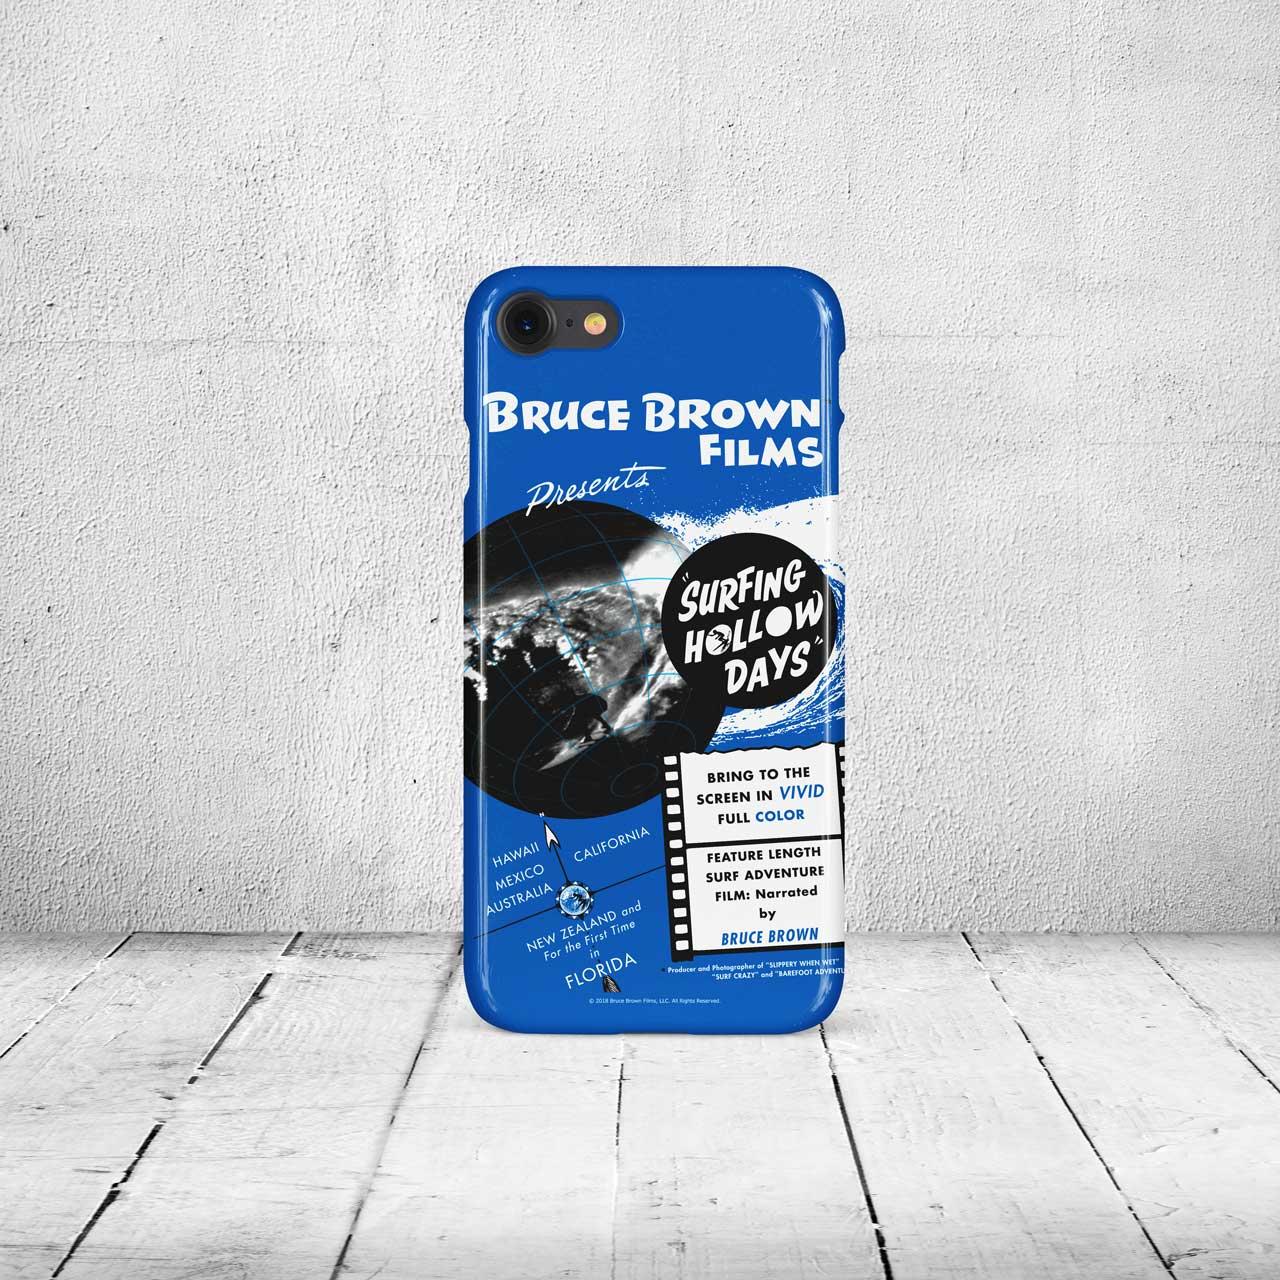 【ブルース・ブラウンフィルム】iPhone7 & 8ケース・Surfing Hollow Days (サーフィンホローデイズ)